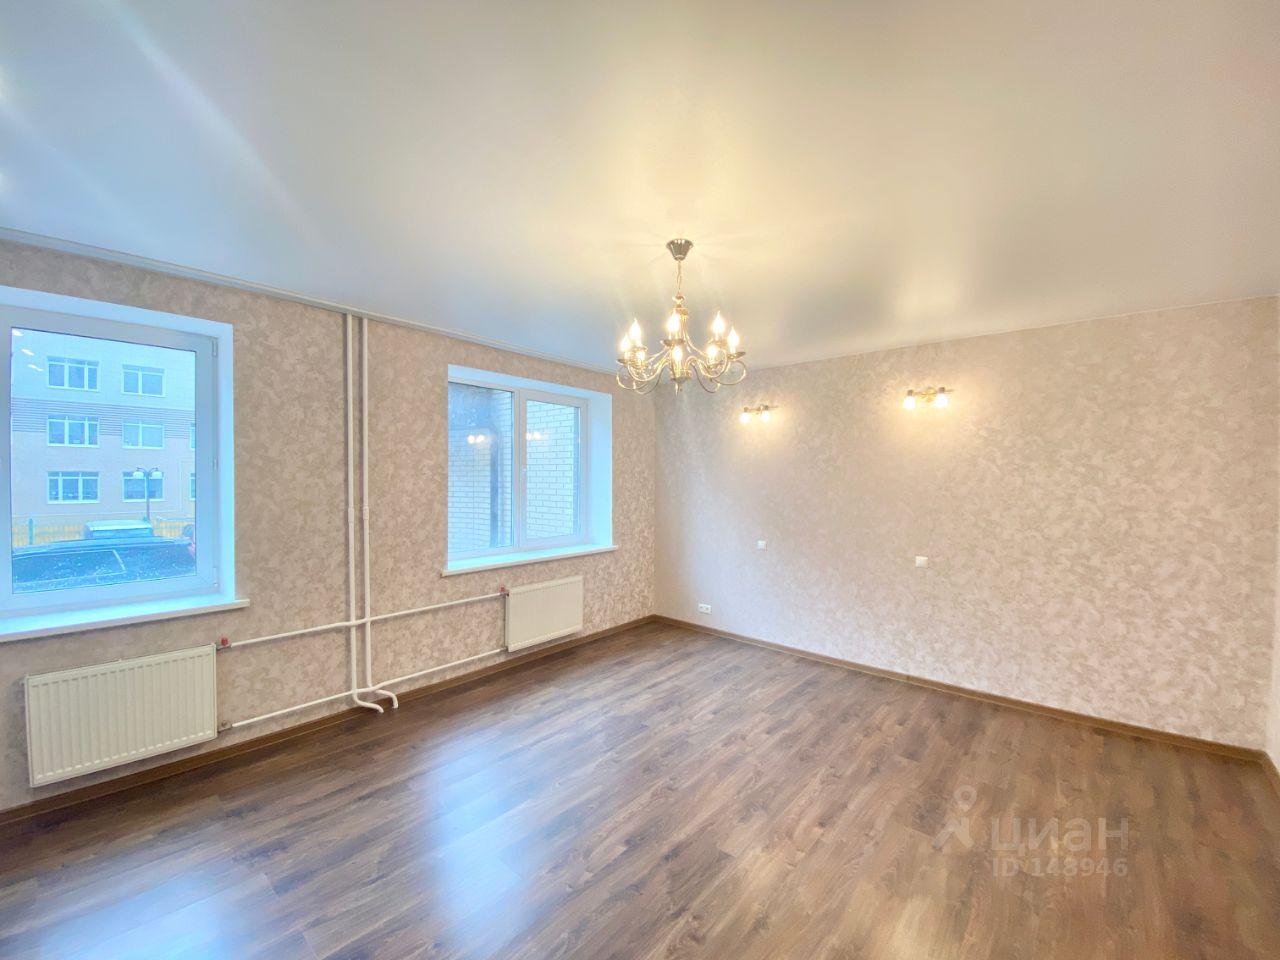 Продажа трехкомнатной квартиры 83.3м² улица Гвардейская 15 Одинцово